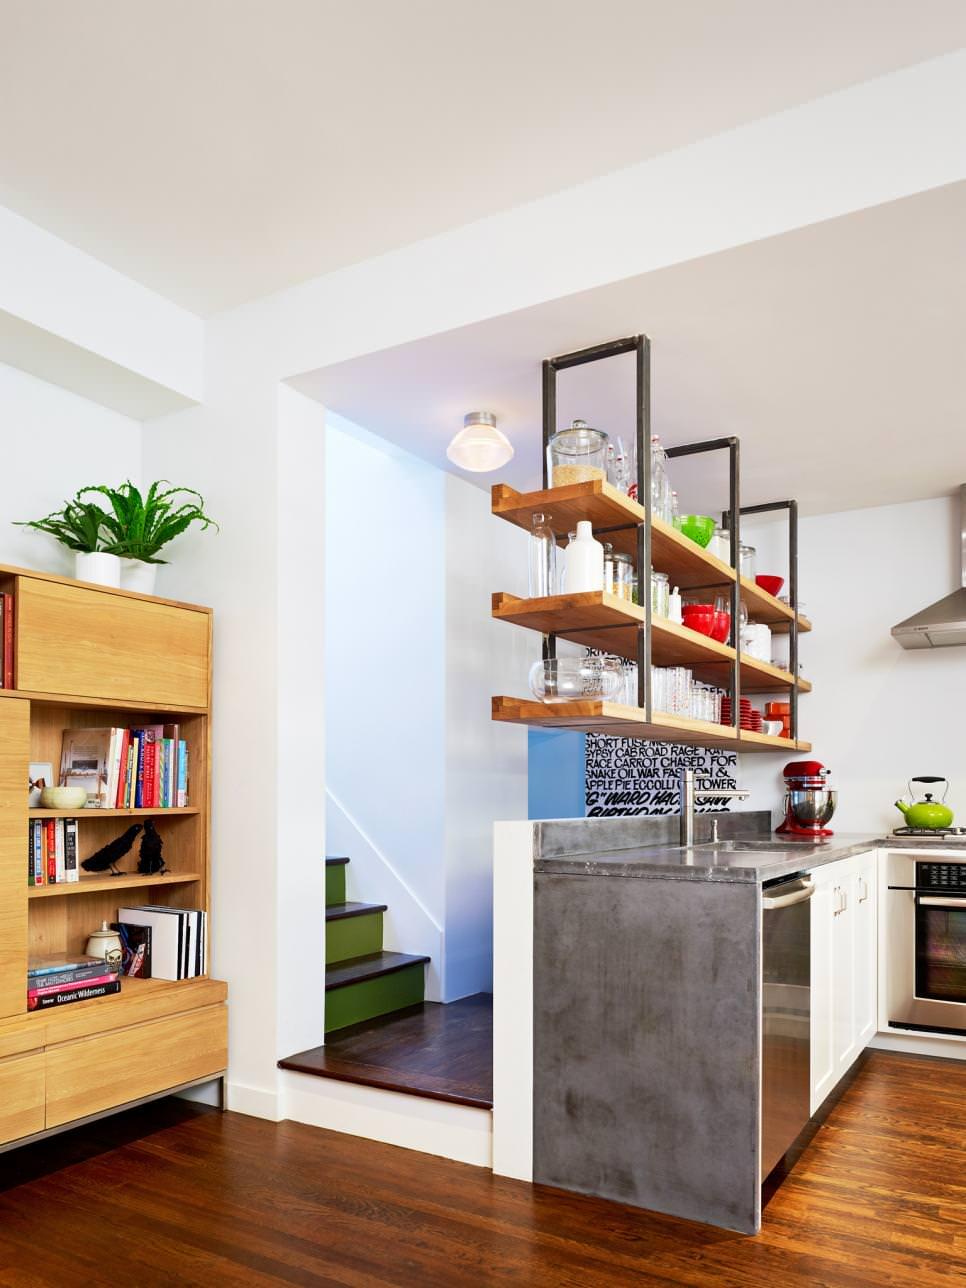 Fullsize Of Hanging Bookshelf Ideas